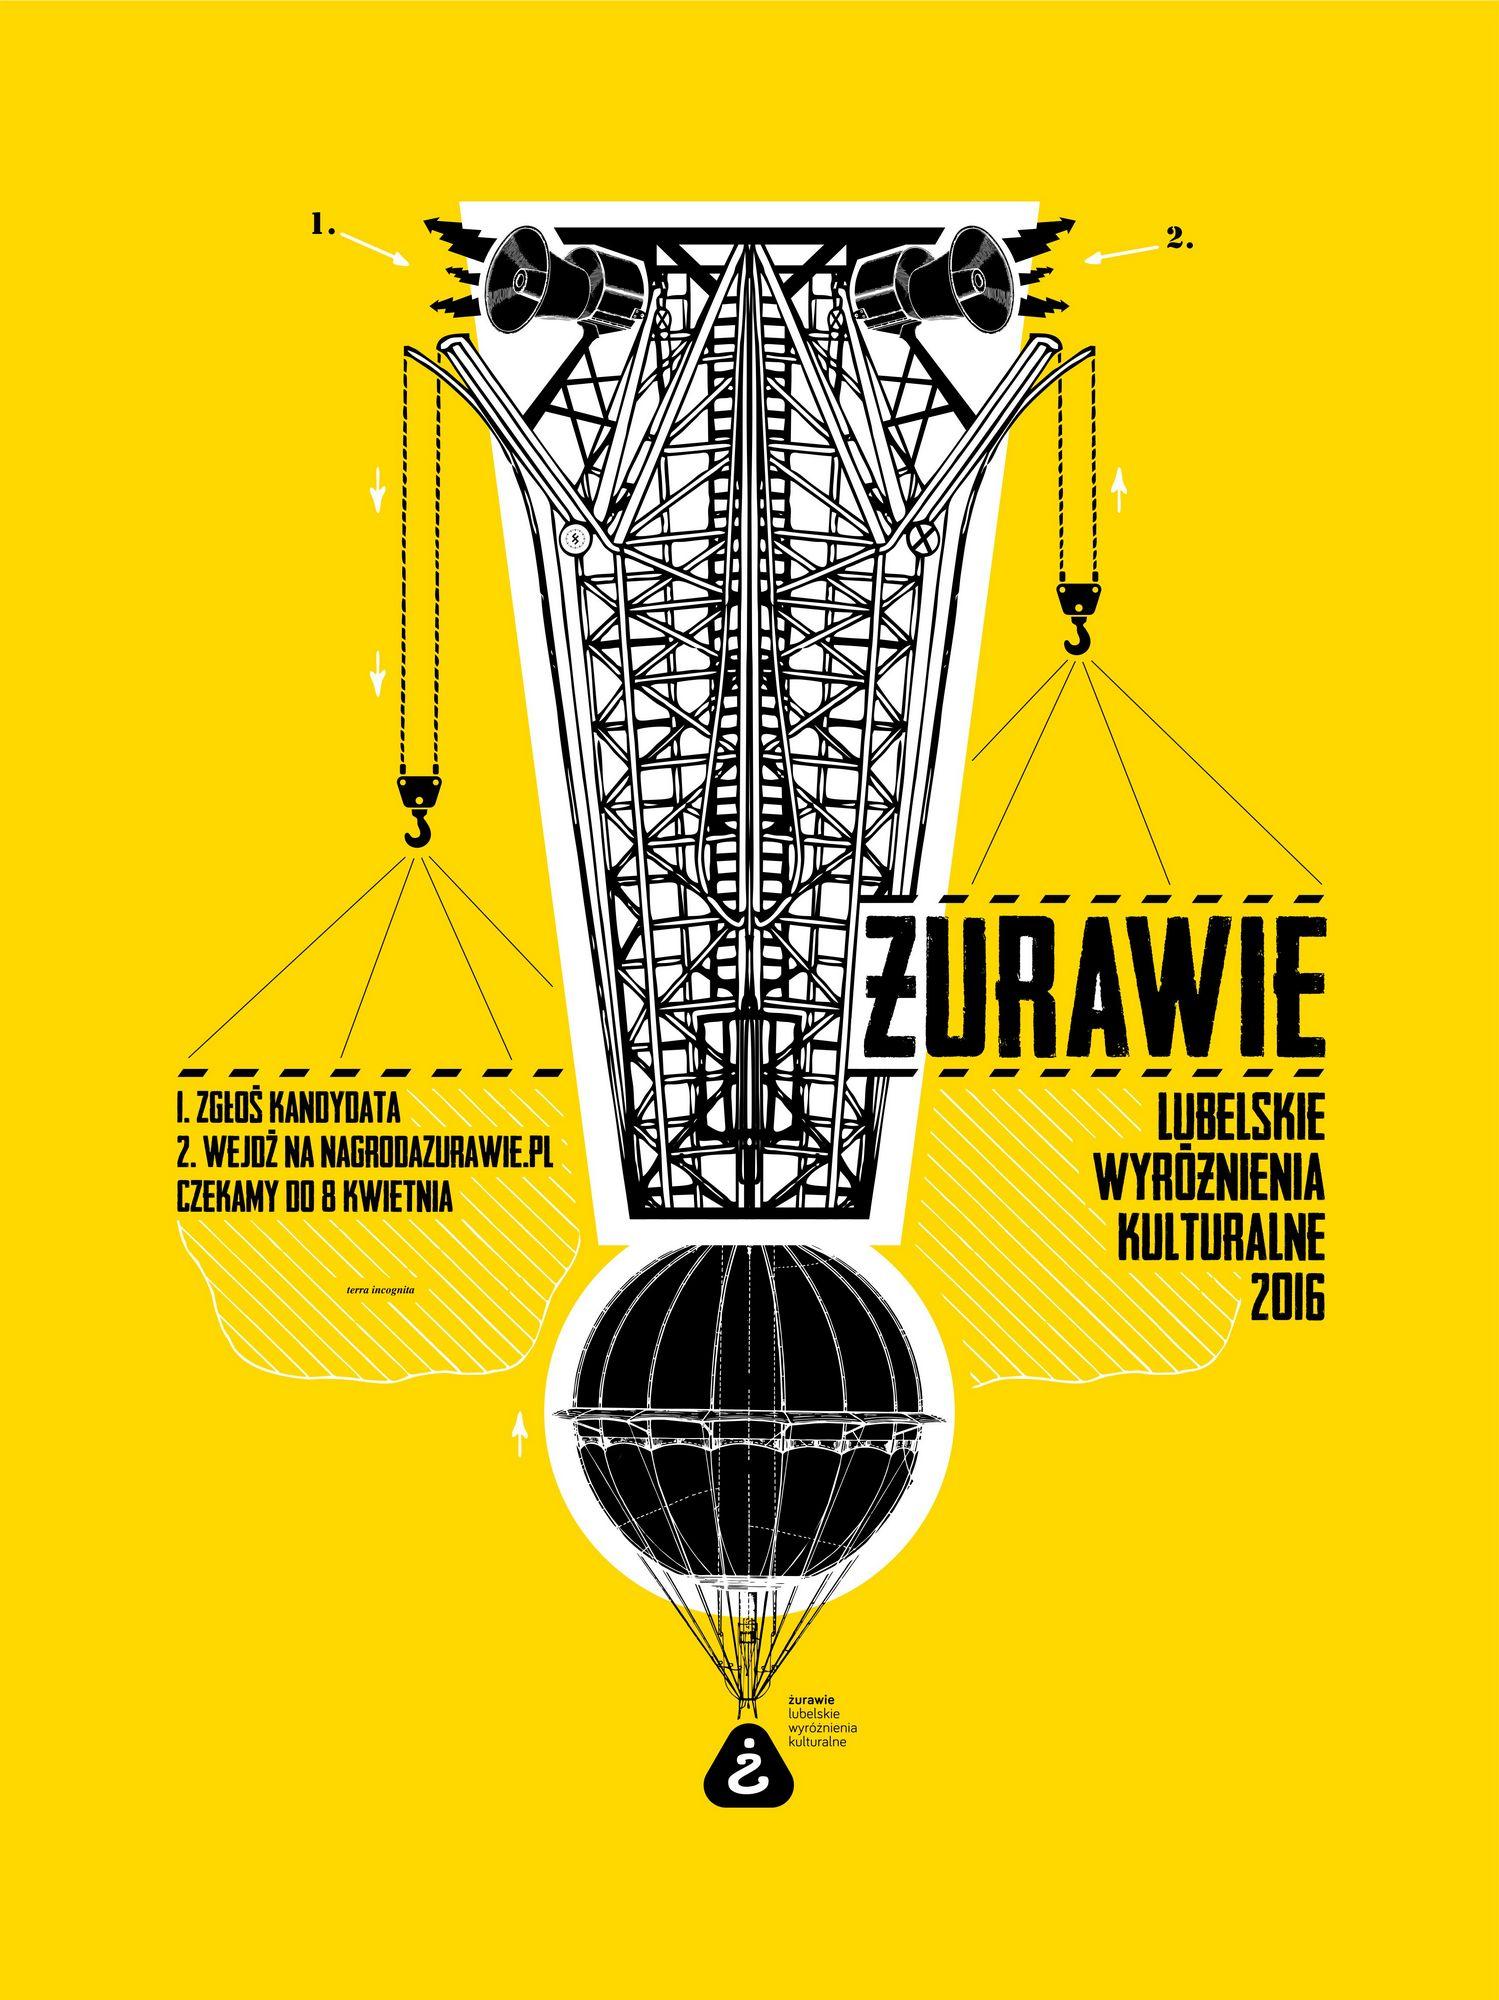 Żurawie – Lubelskie Wyróżnienia Kulturalne 2016 – plakat (źródło: materiały prasowe)